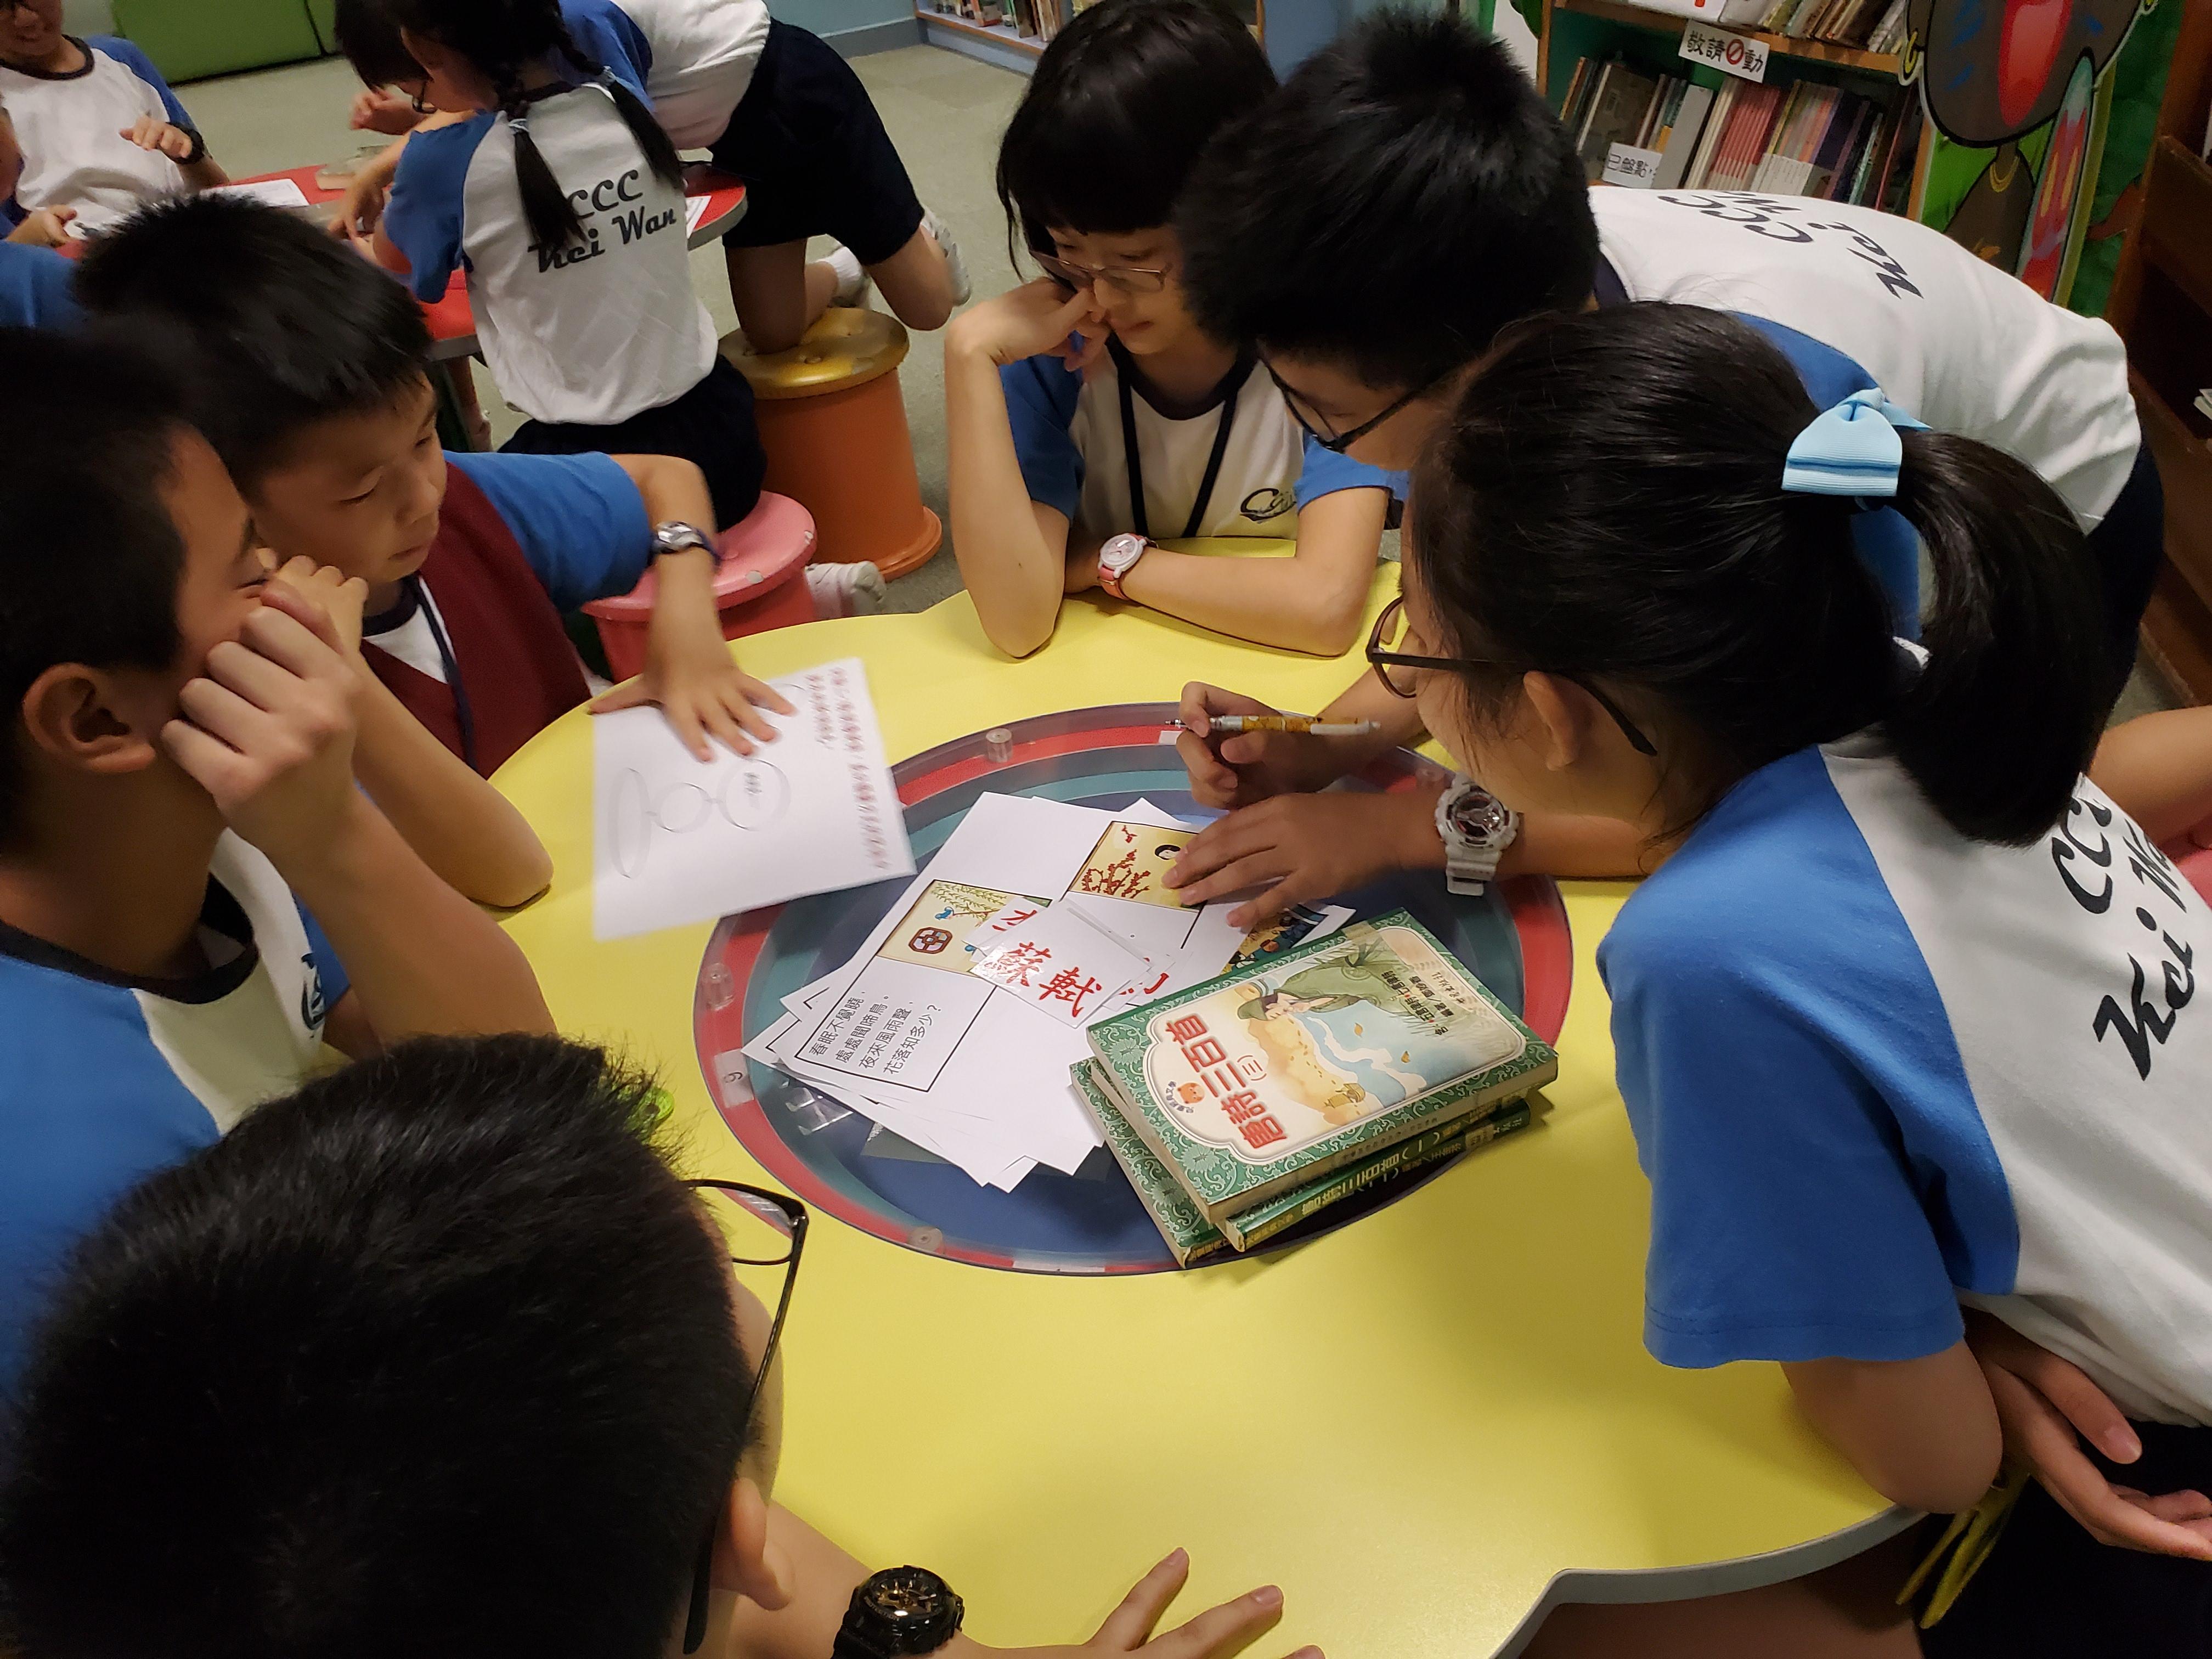 http://www.keiwan.edu.hk/sites/default/files/20191021_100916.jpg